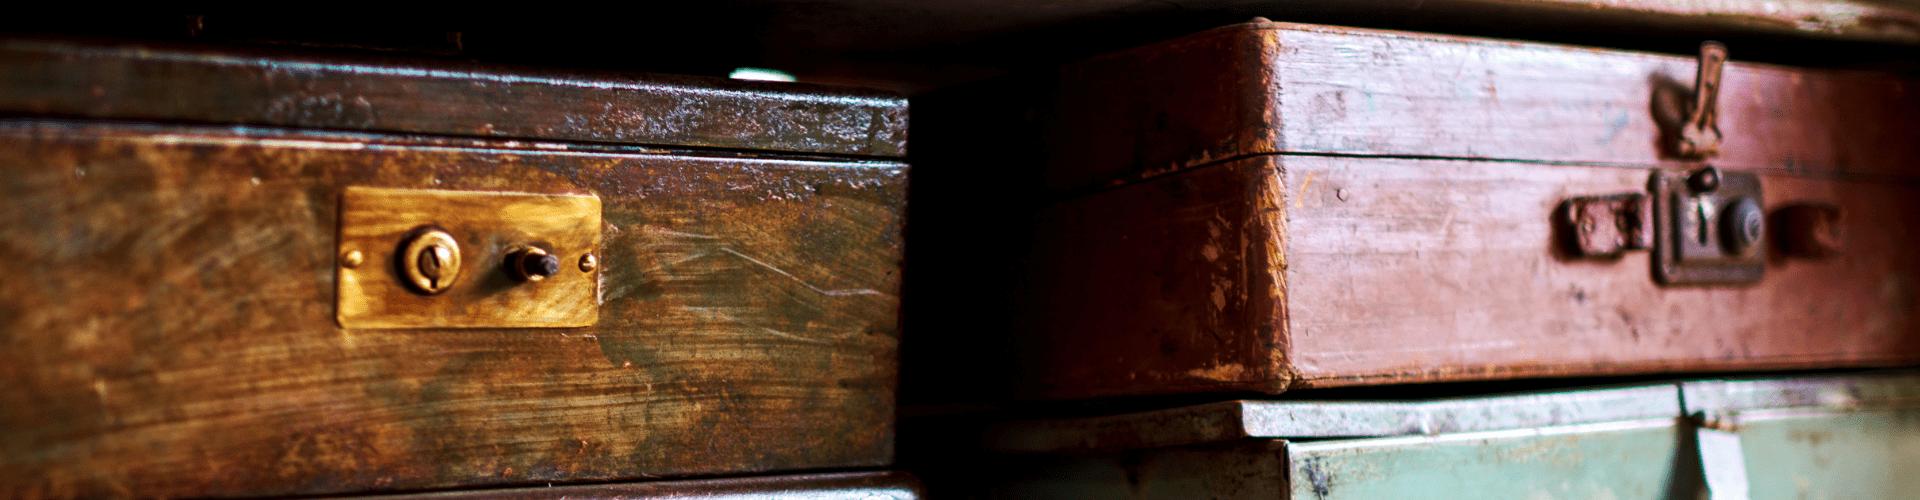 Malles, coffres et caisses